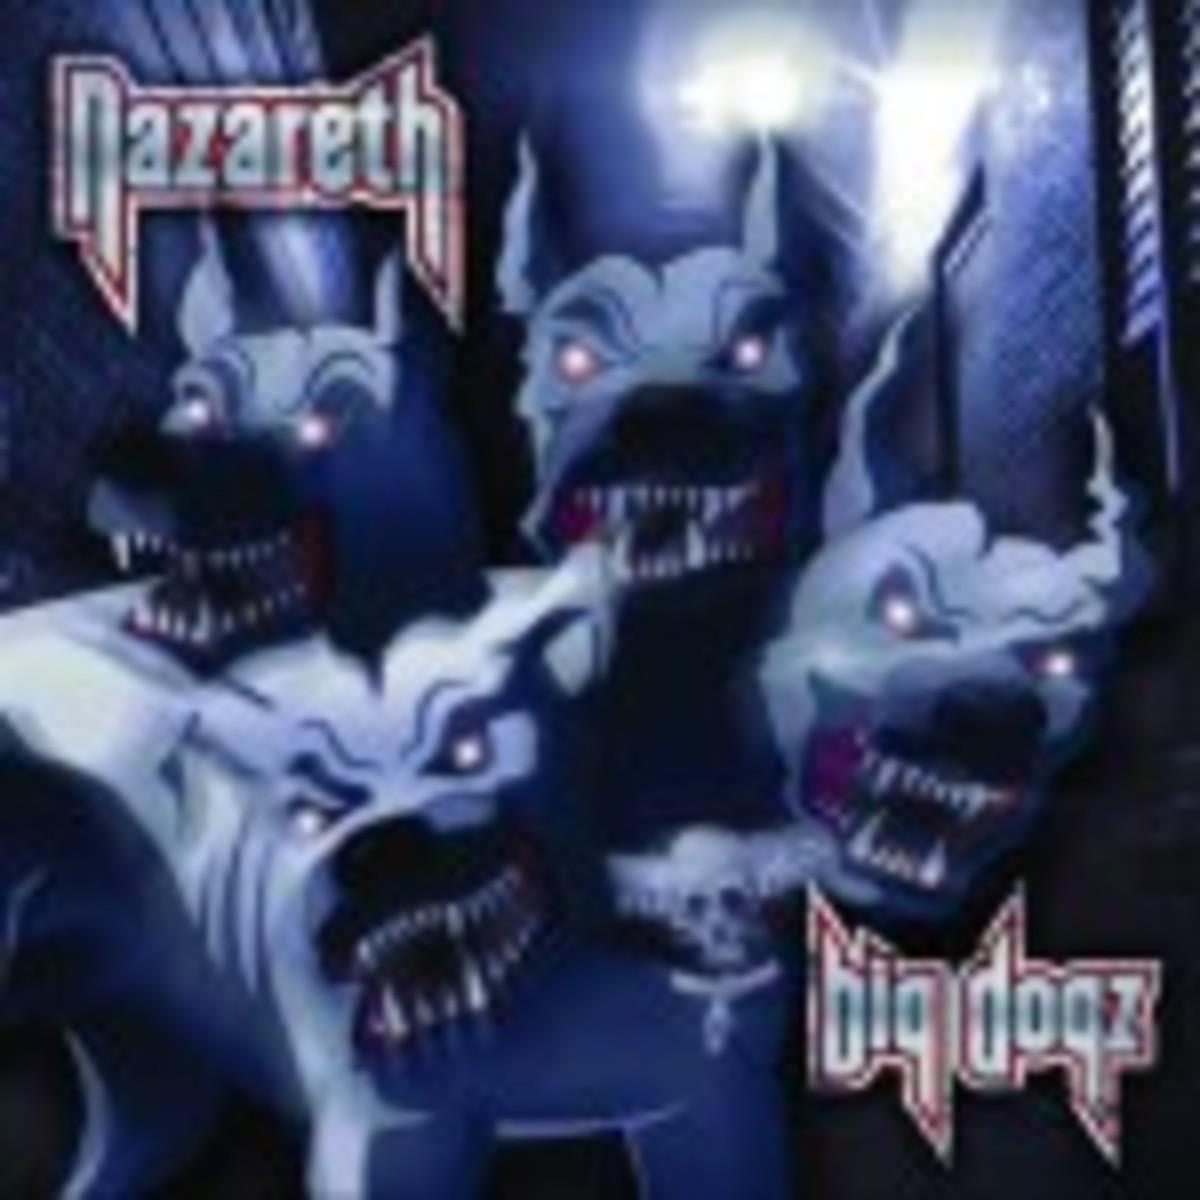 Nazareth Big Dogz